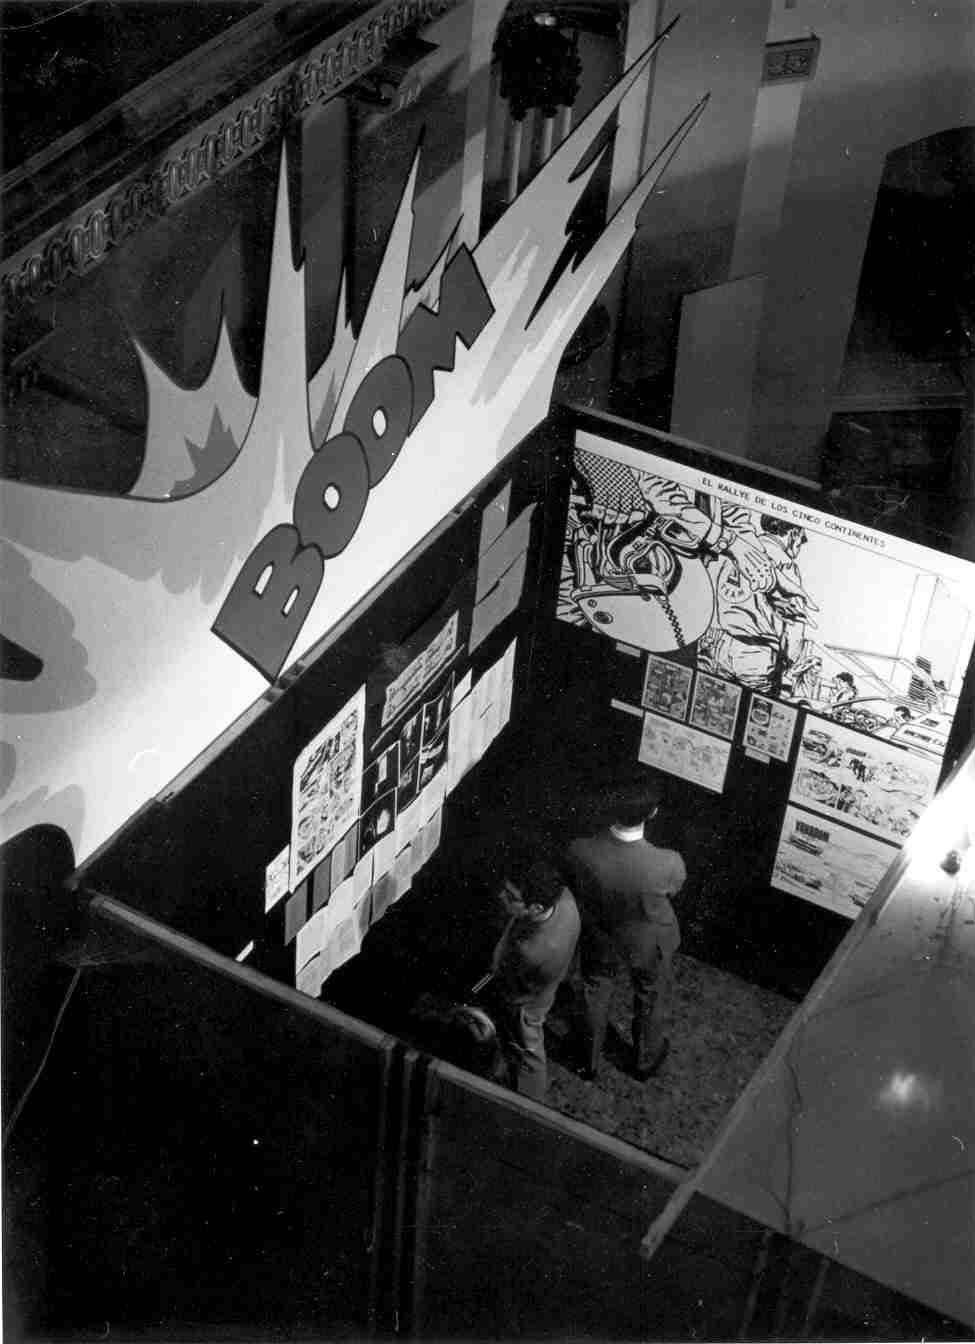 Exposición El Cómic, inaugurada en el MACSE el 8 de mayo de 1971